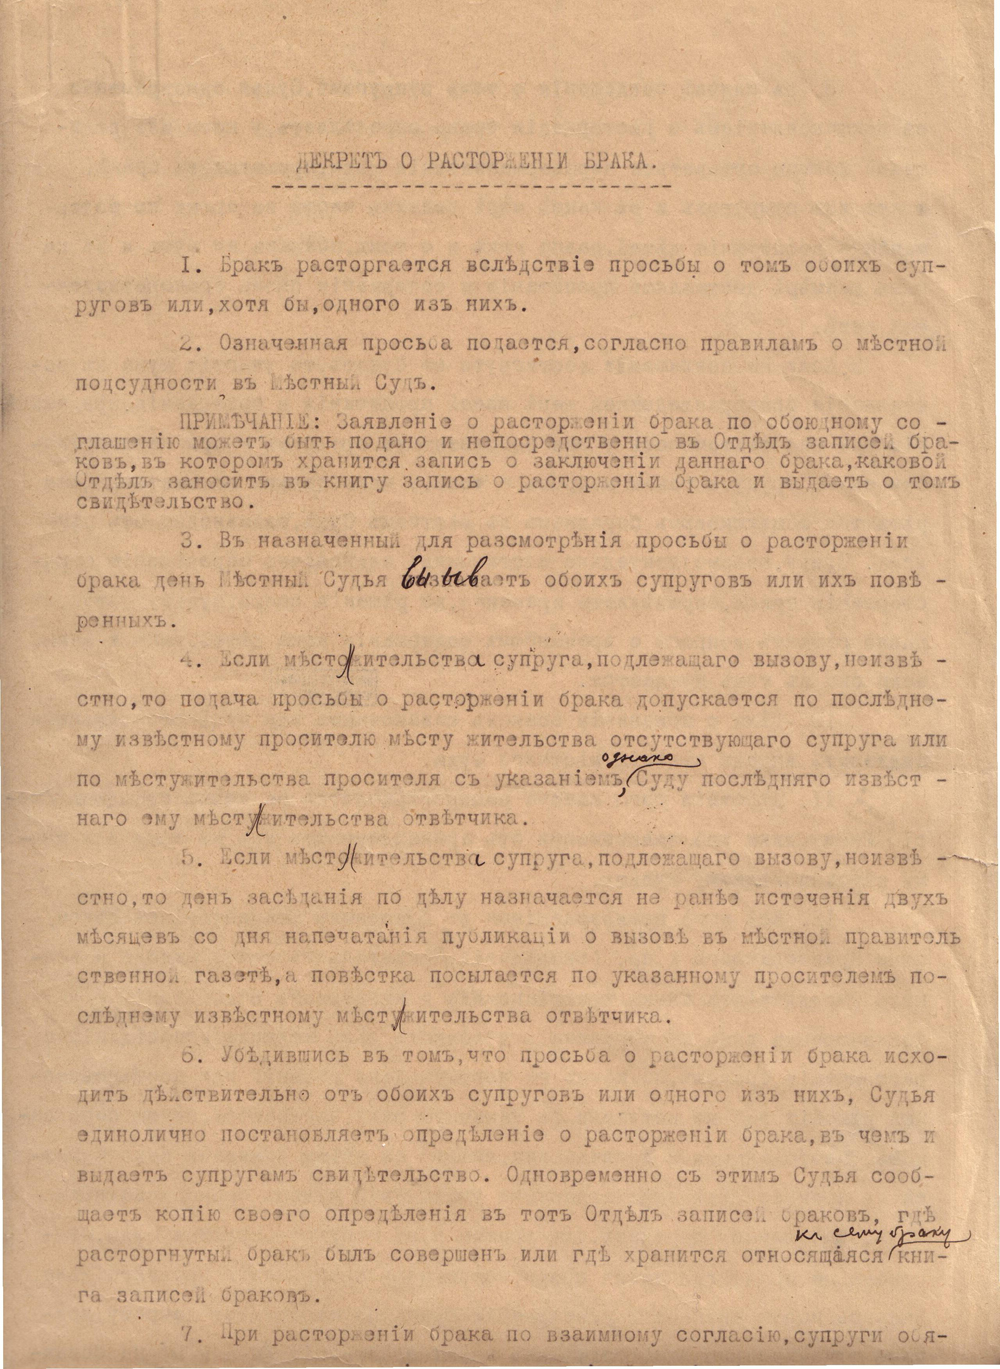 Декрет советской власти о сексуальных меньшинствах